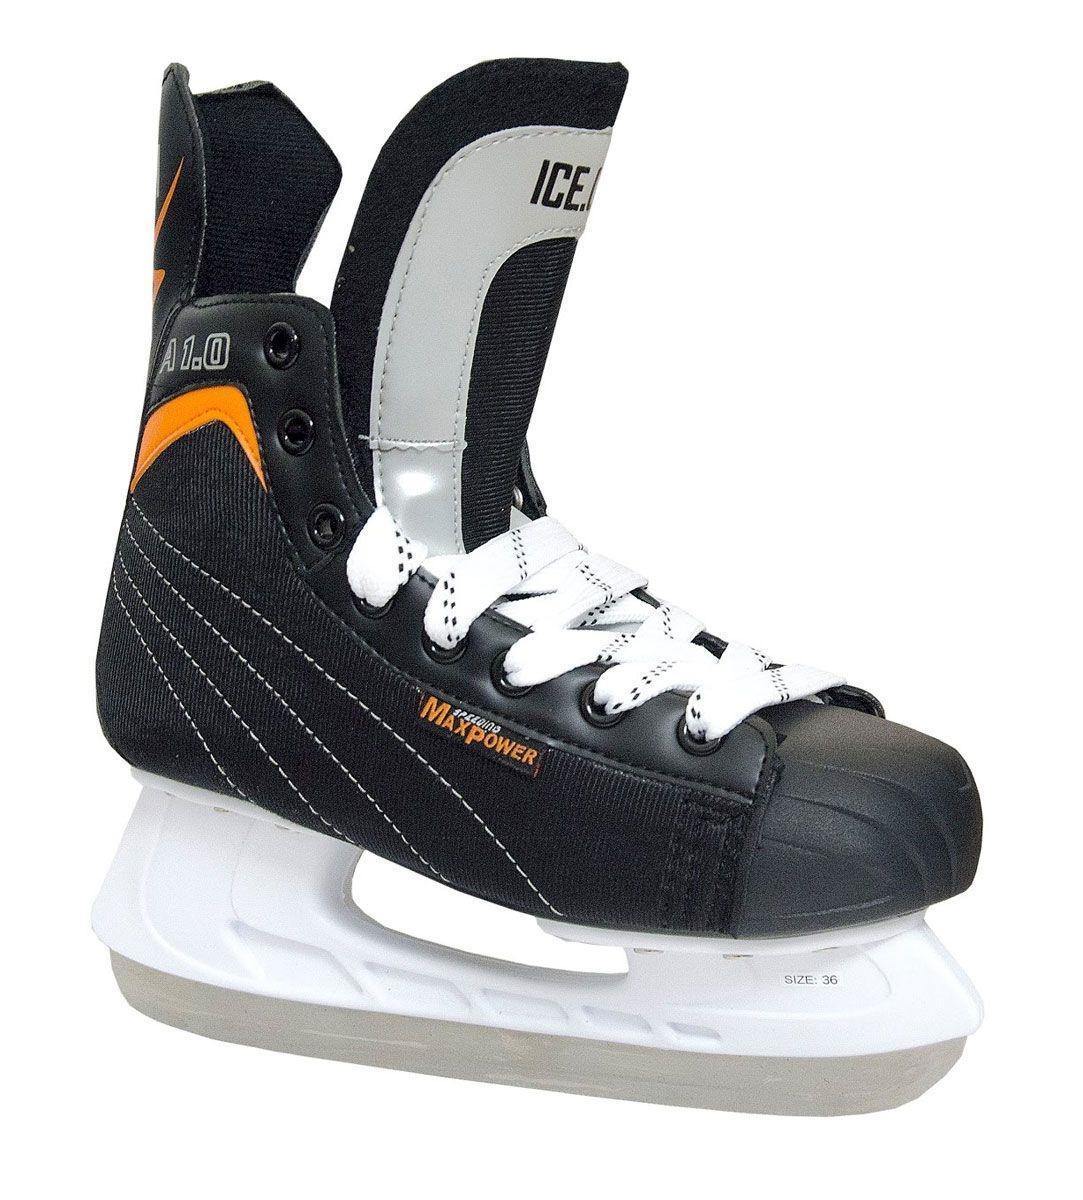 Коньки хоккейные Ice.Com A 1.0 2014, цвет: черный, оранжевый. Размер 39A 1.0 2014Коньки A 1.0 предназначены для игры в хоккей. Верх ботинка выполнен из морозостойкой искусственной кожи и нейлона. Мысок - морозостойкий ударопрочный PU, подошва - морозостойкий ПВХ. Толстый войлочный язык. Удобный высокий ботинок с широкой анатомической колодкой позволяет надежно фиксировать голеностоп. Для того, чтобы Вам максимально точно подобрать размер коньков, узнайте длину стопы с точностью до миллиметра. Для этого поставьте босую ногу на лист бумаги А4 и отметьте на бумаге самые крайние точки Вашей стопы (пятка и носок). Затем измерьте обычной линейкой расстояние (до миллиметра) между этими отметками на бумаге. Не забудьте учесть 2-3 мм запаса под носок.